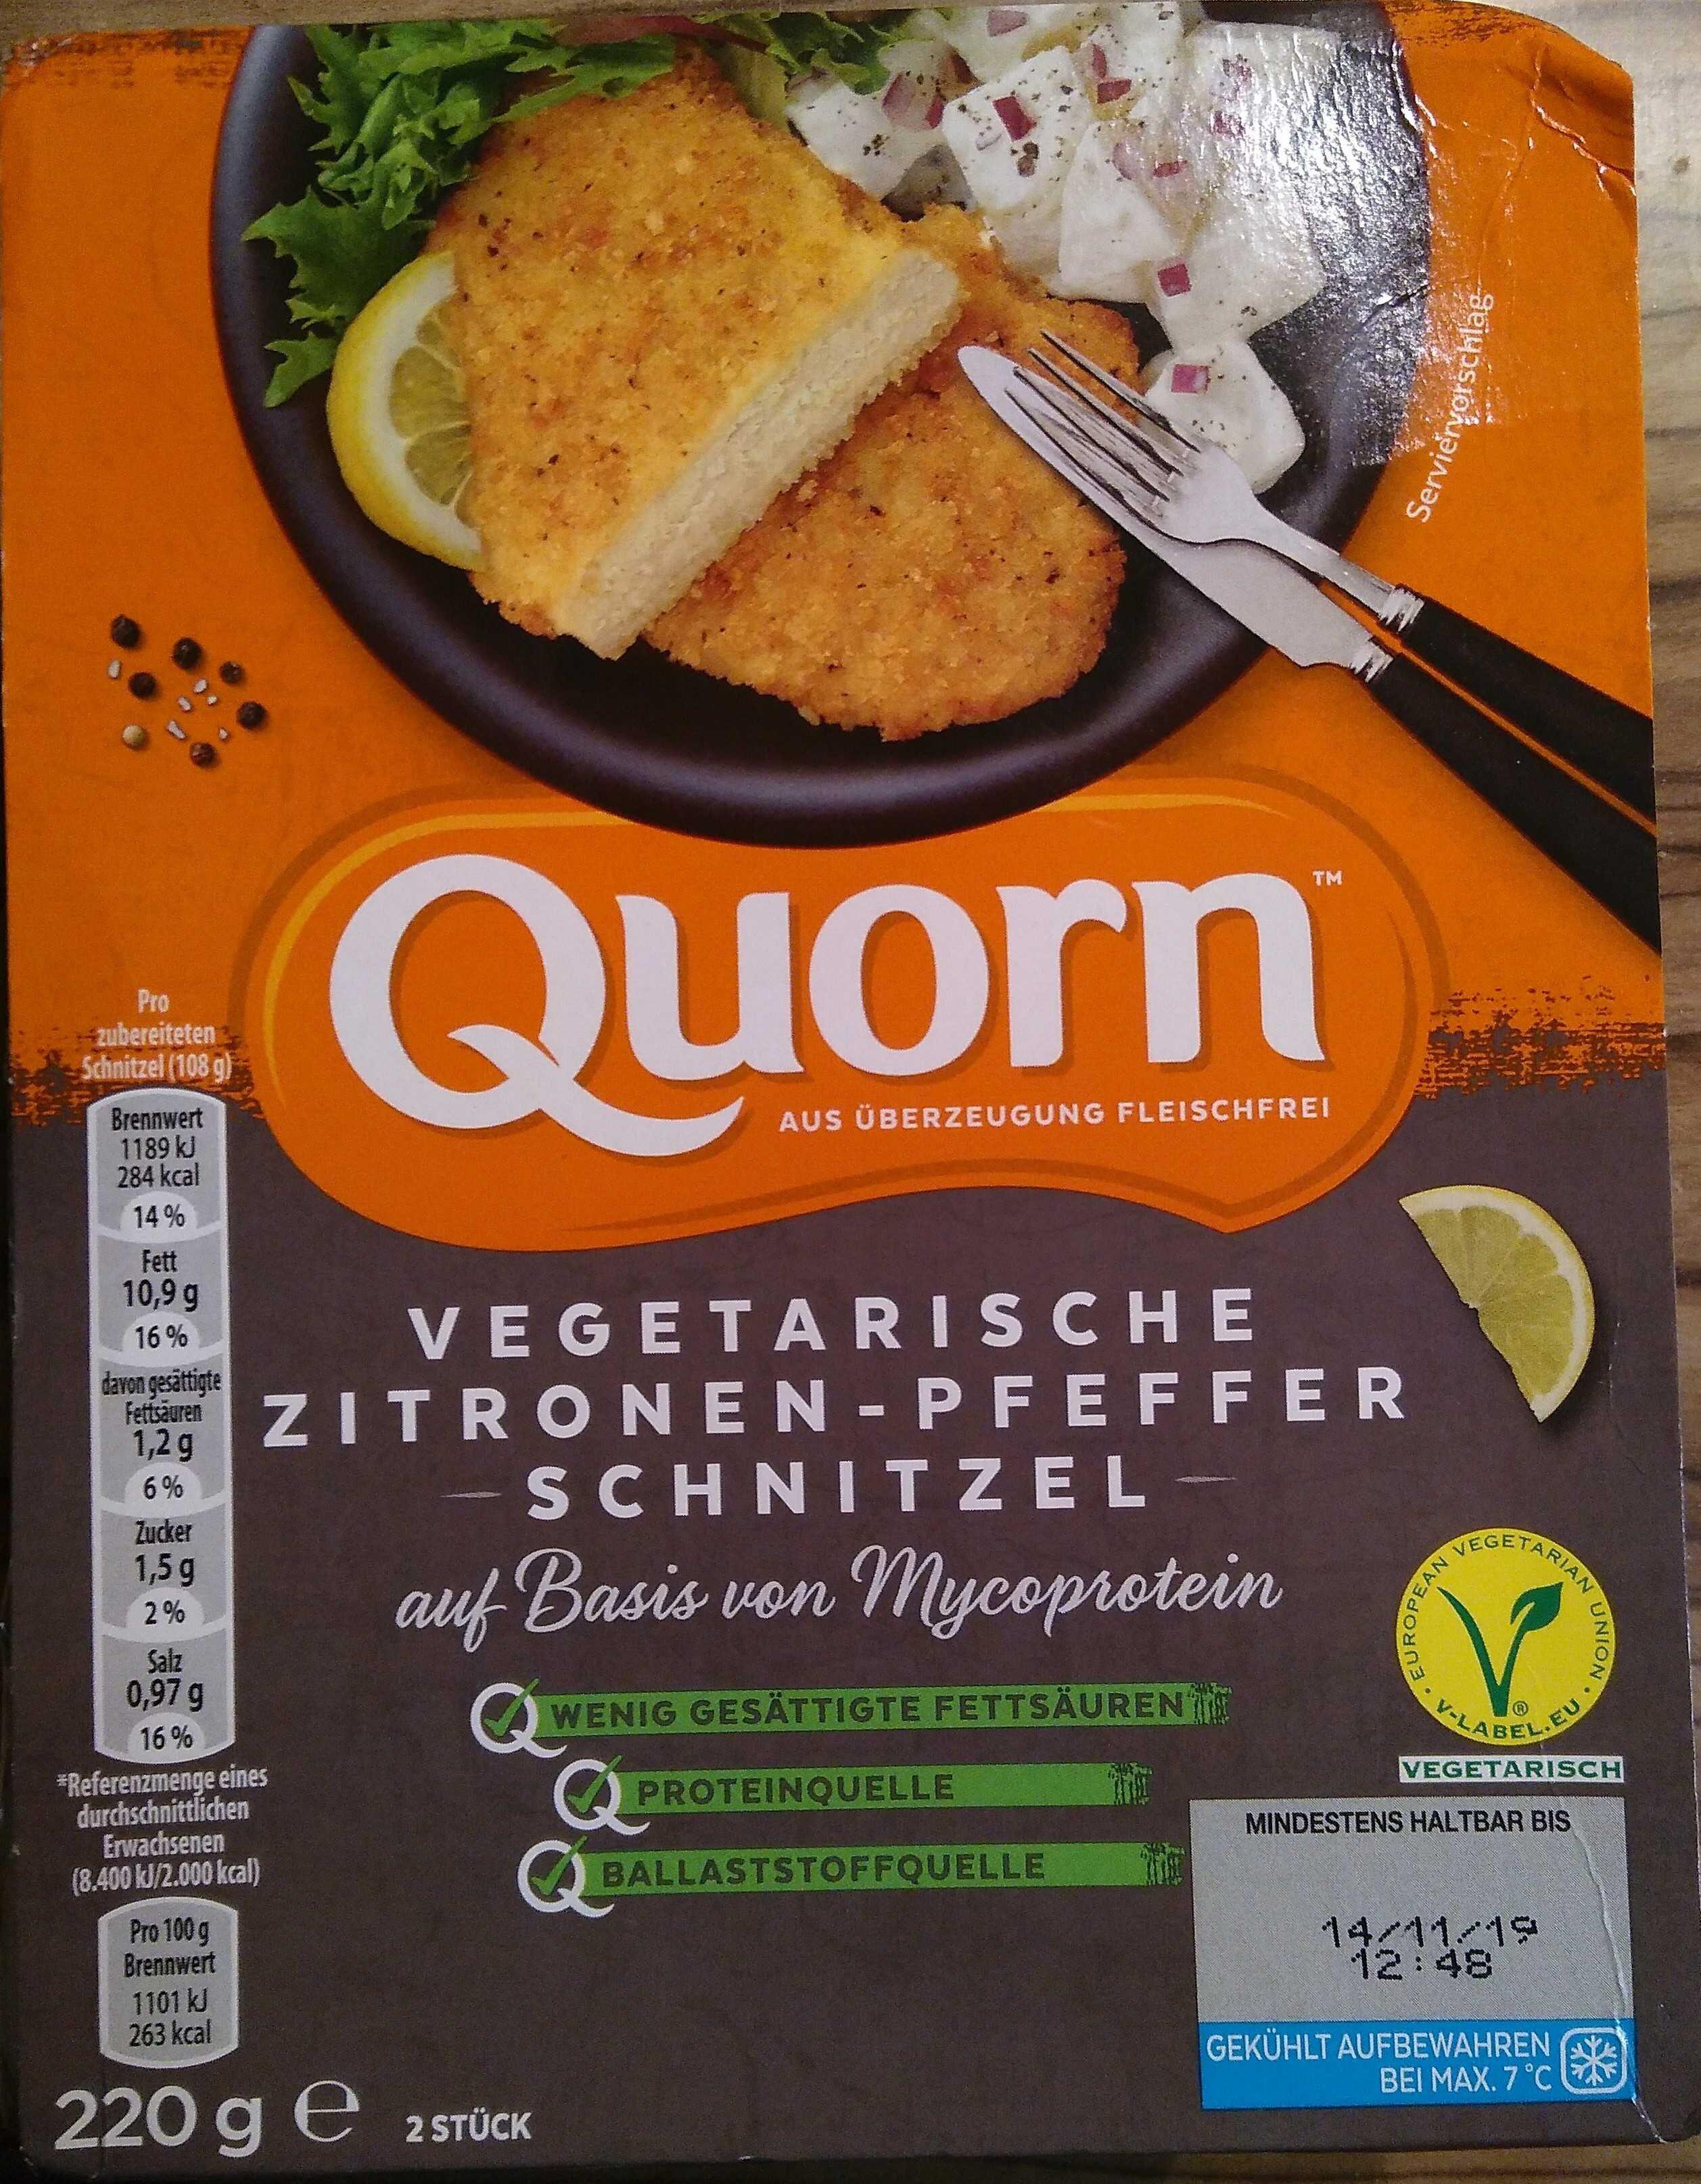 Vegetarische Zitronen-Pfeffer Schnitzel - Produit - de